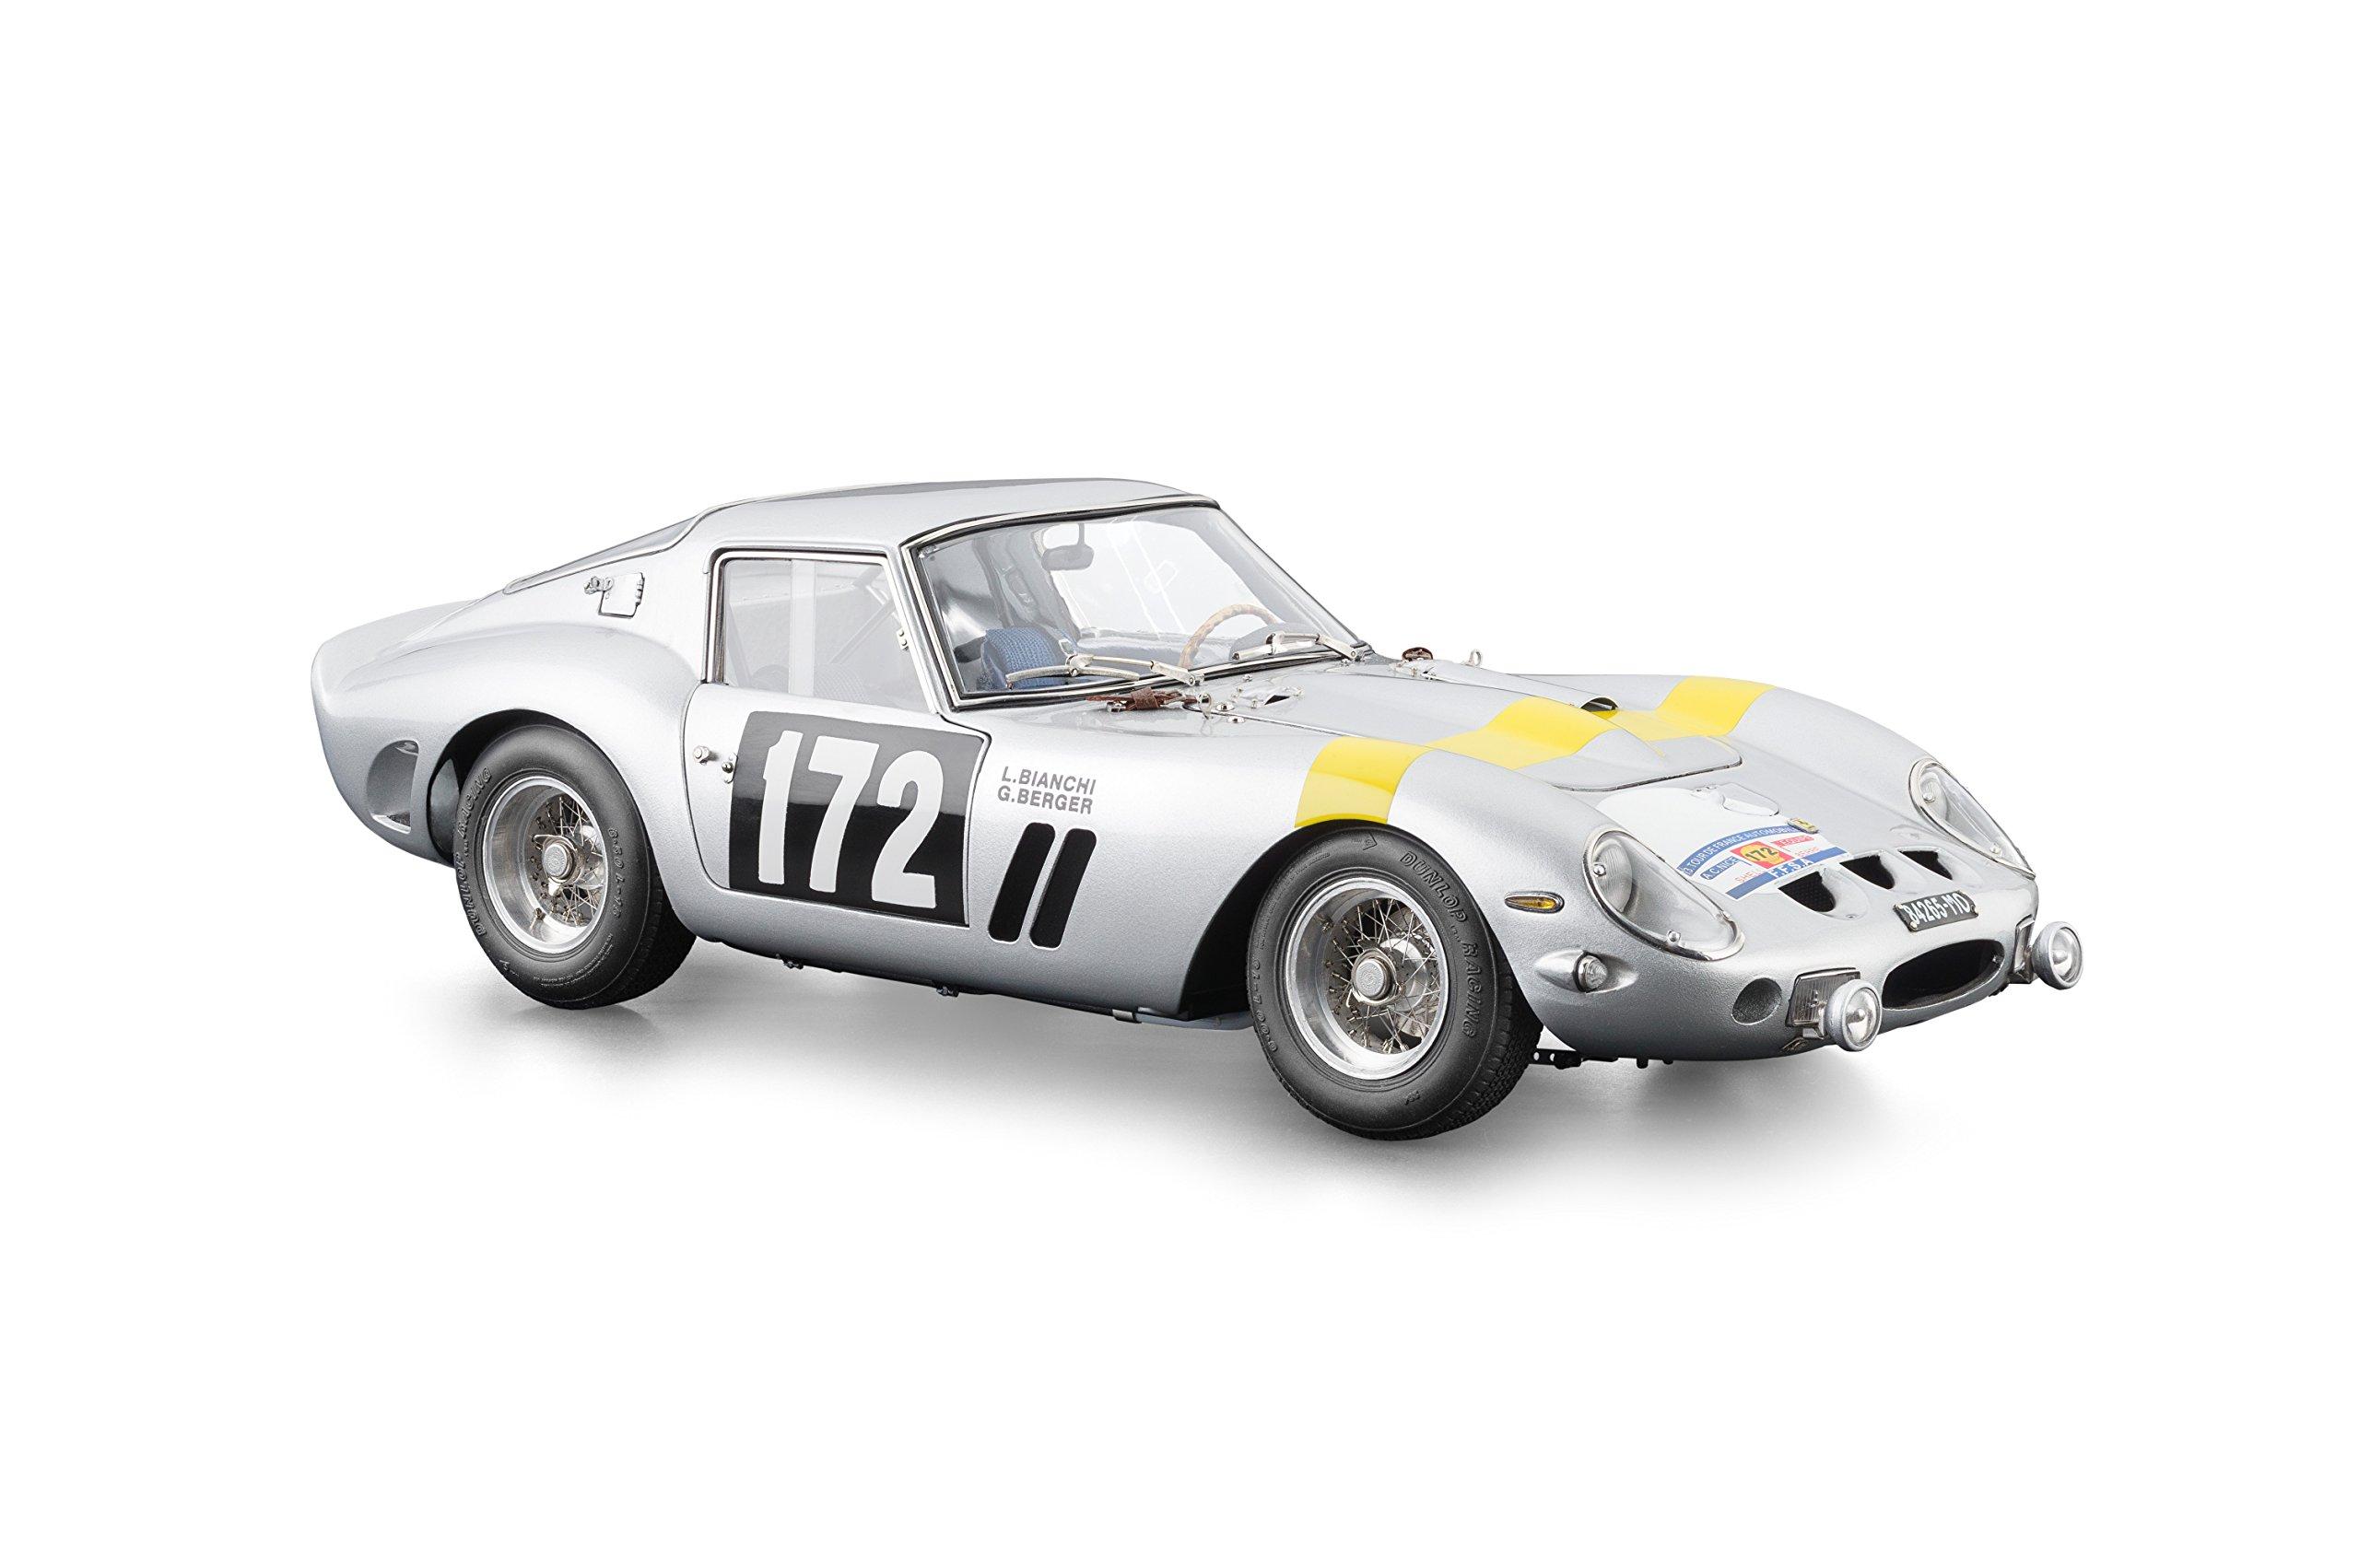 CMC-Classic Model Cars USA Ferrari 250 GTO 1962 Tour de France Die Cast Vehicle